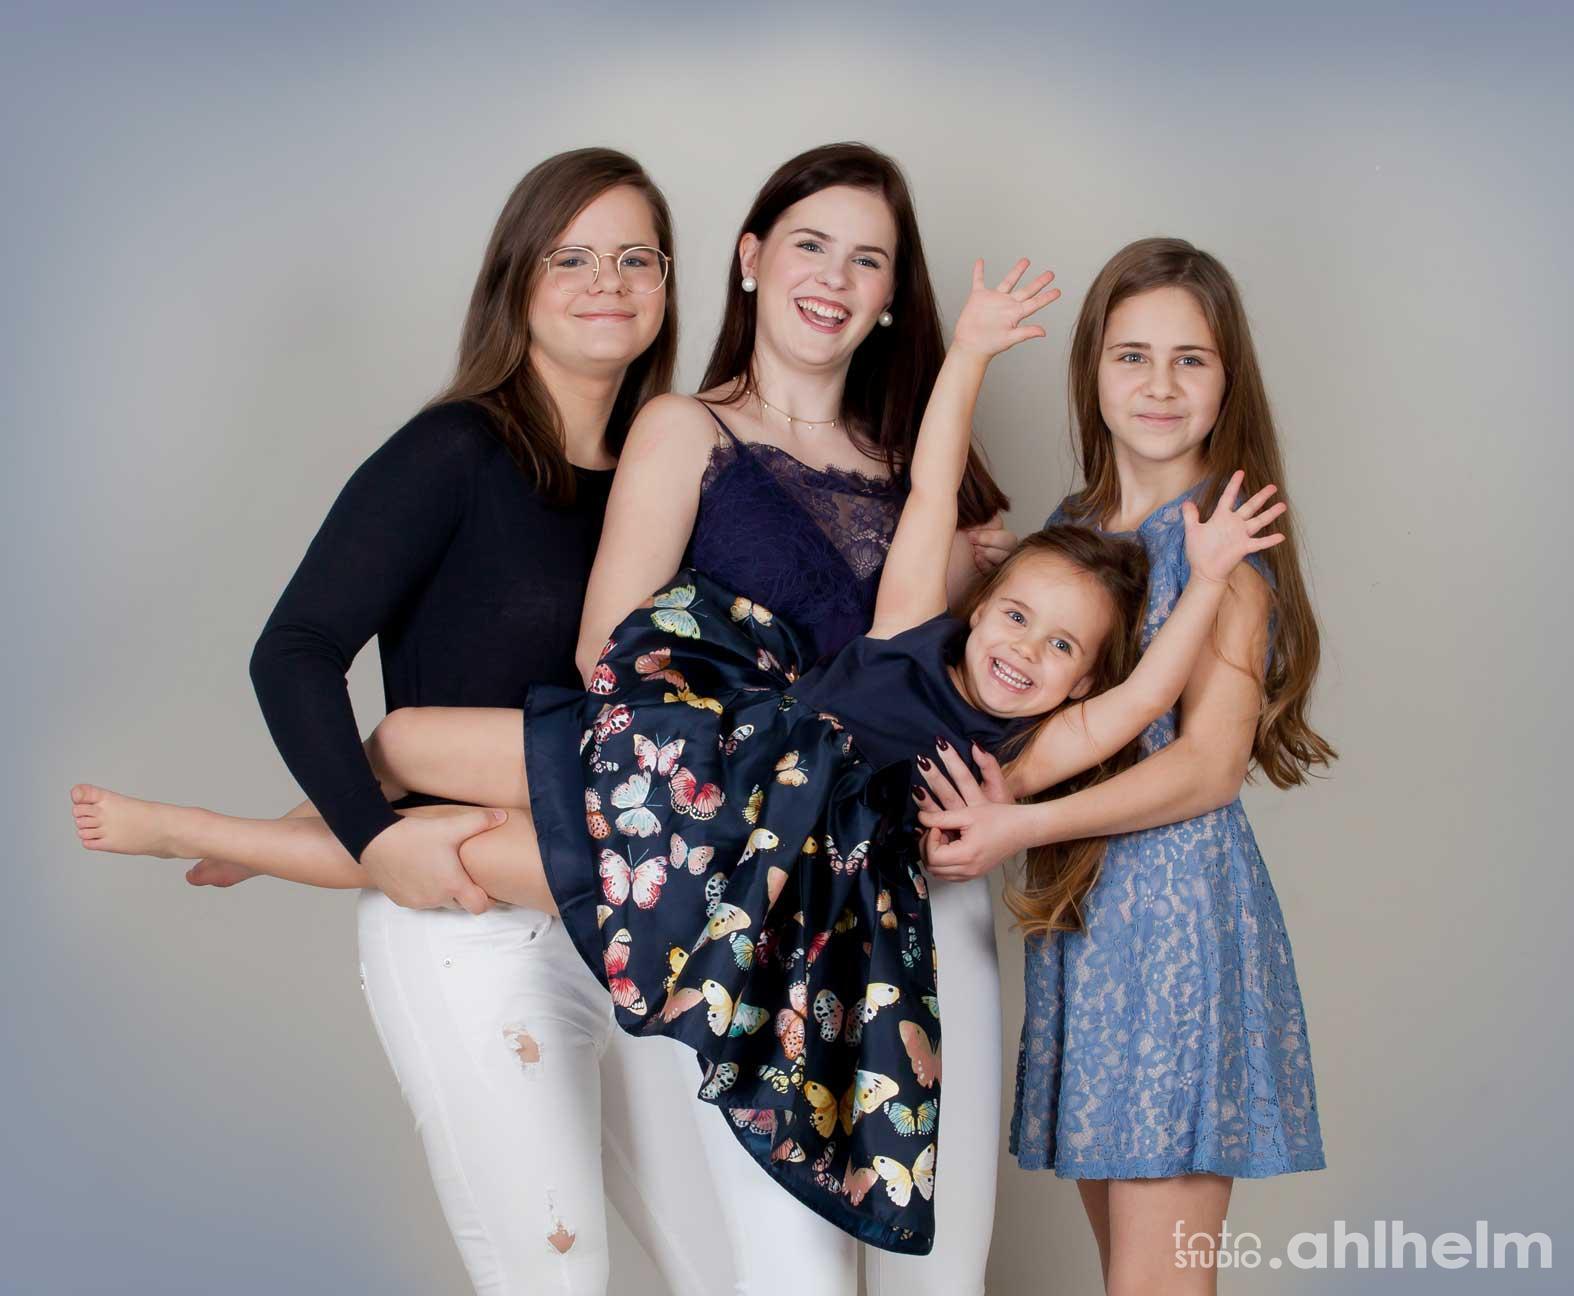 Fotostudio Ahlhelm Kinder meine großen Schwestern